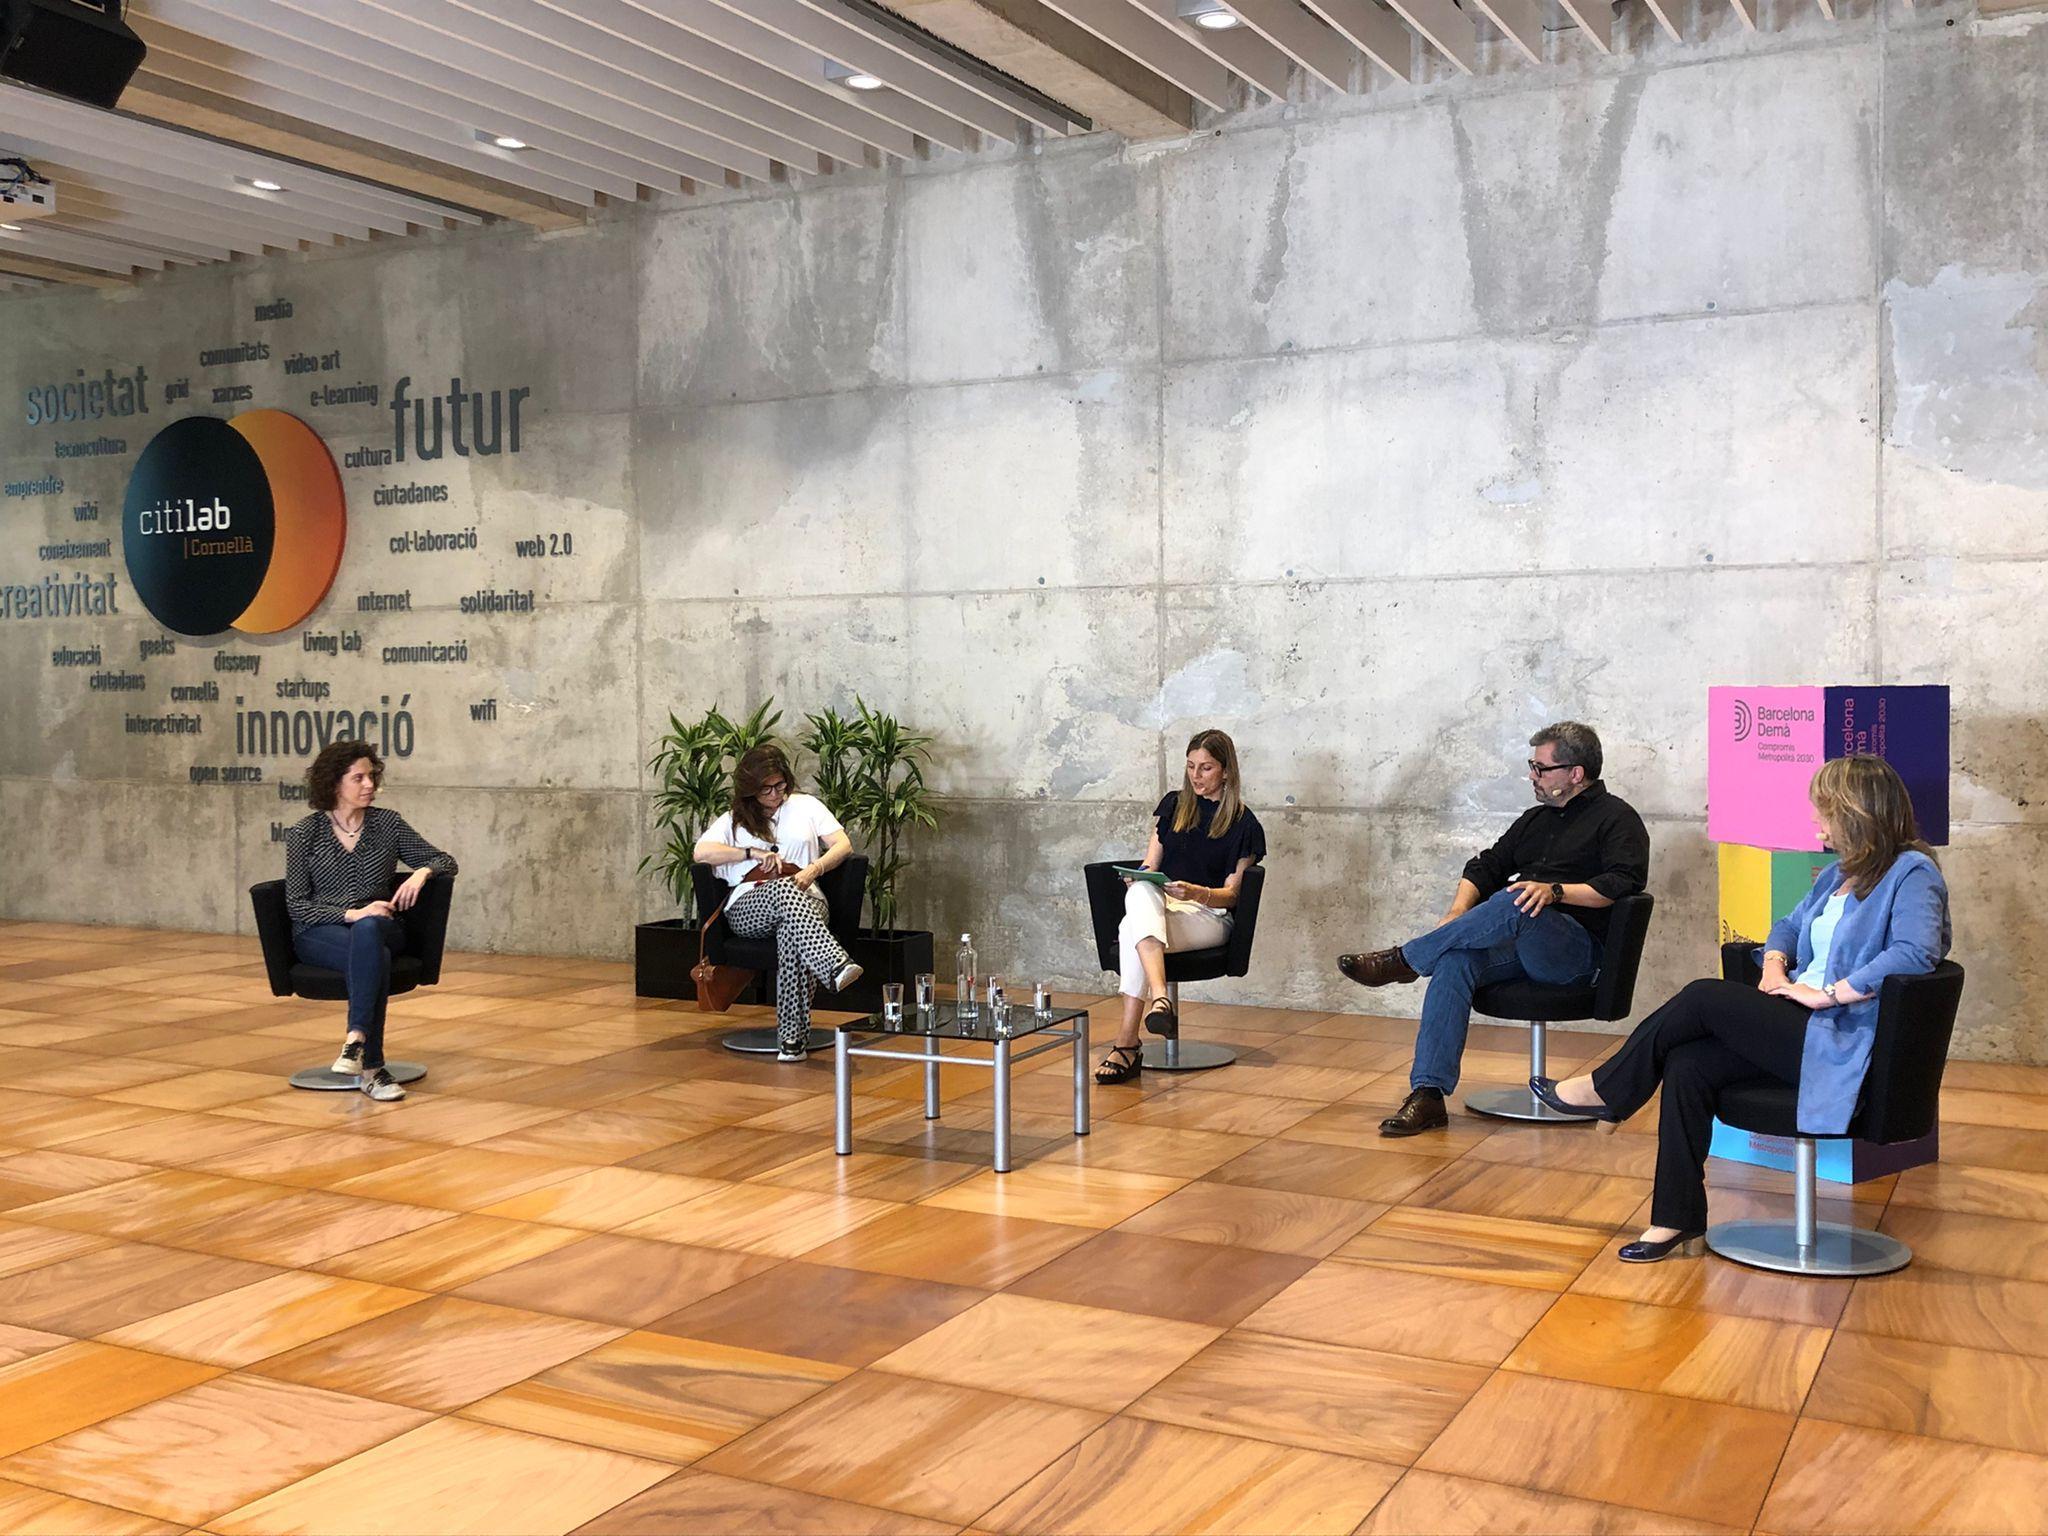 Citilab acoge la Jornada Territorial de la Metrópoli Inteligente